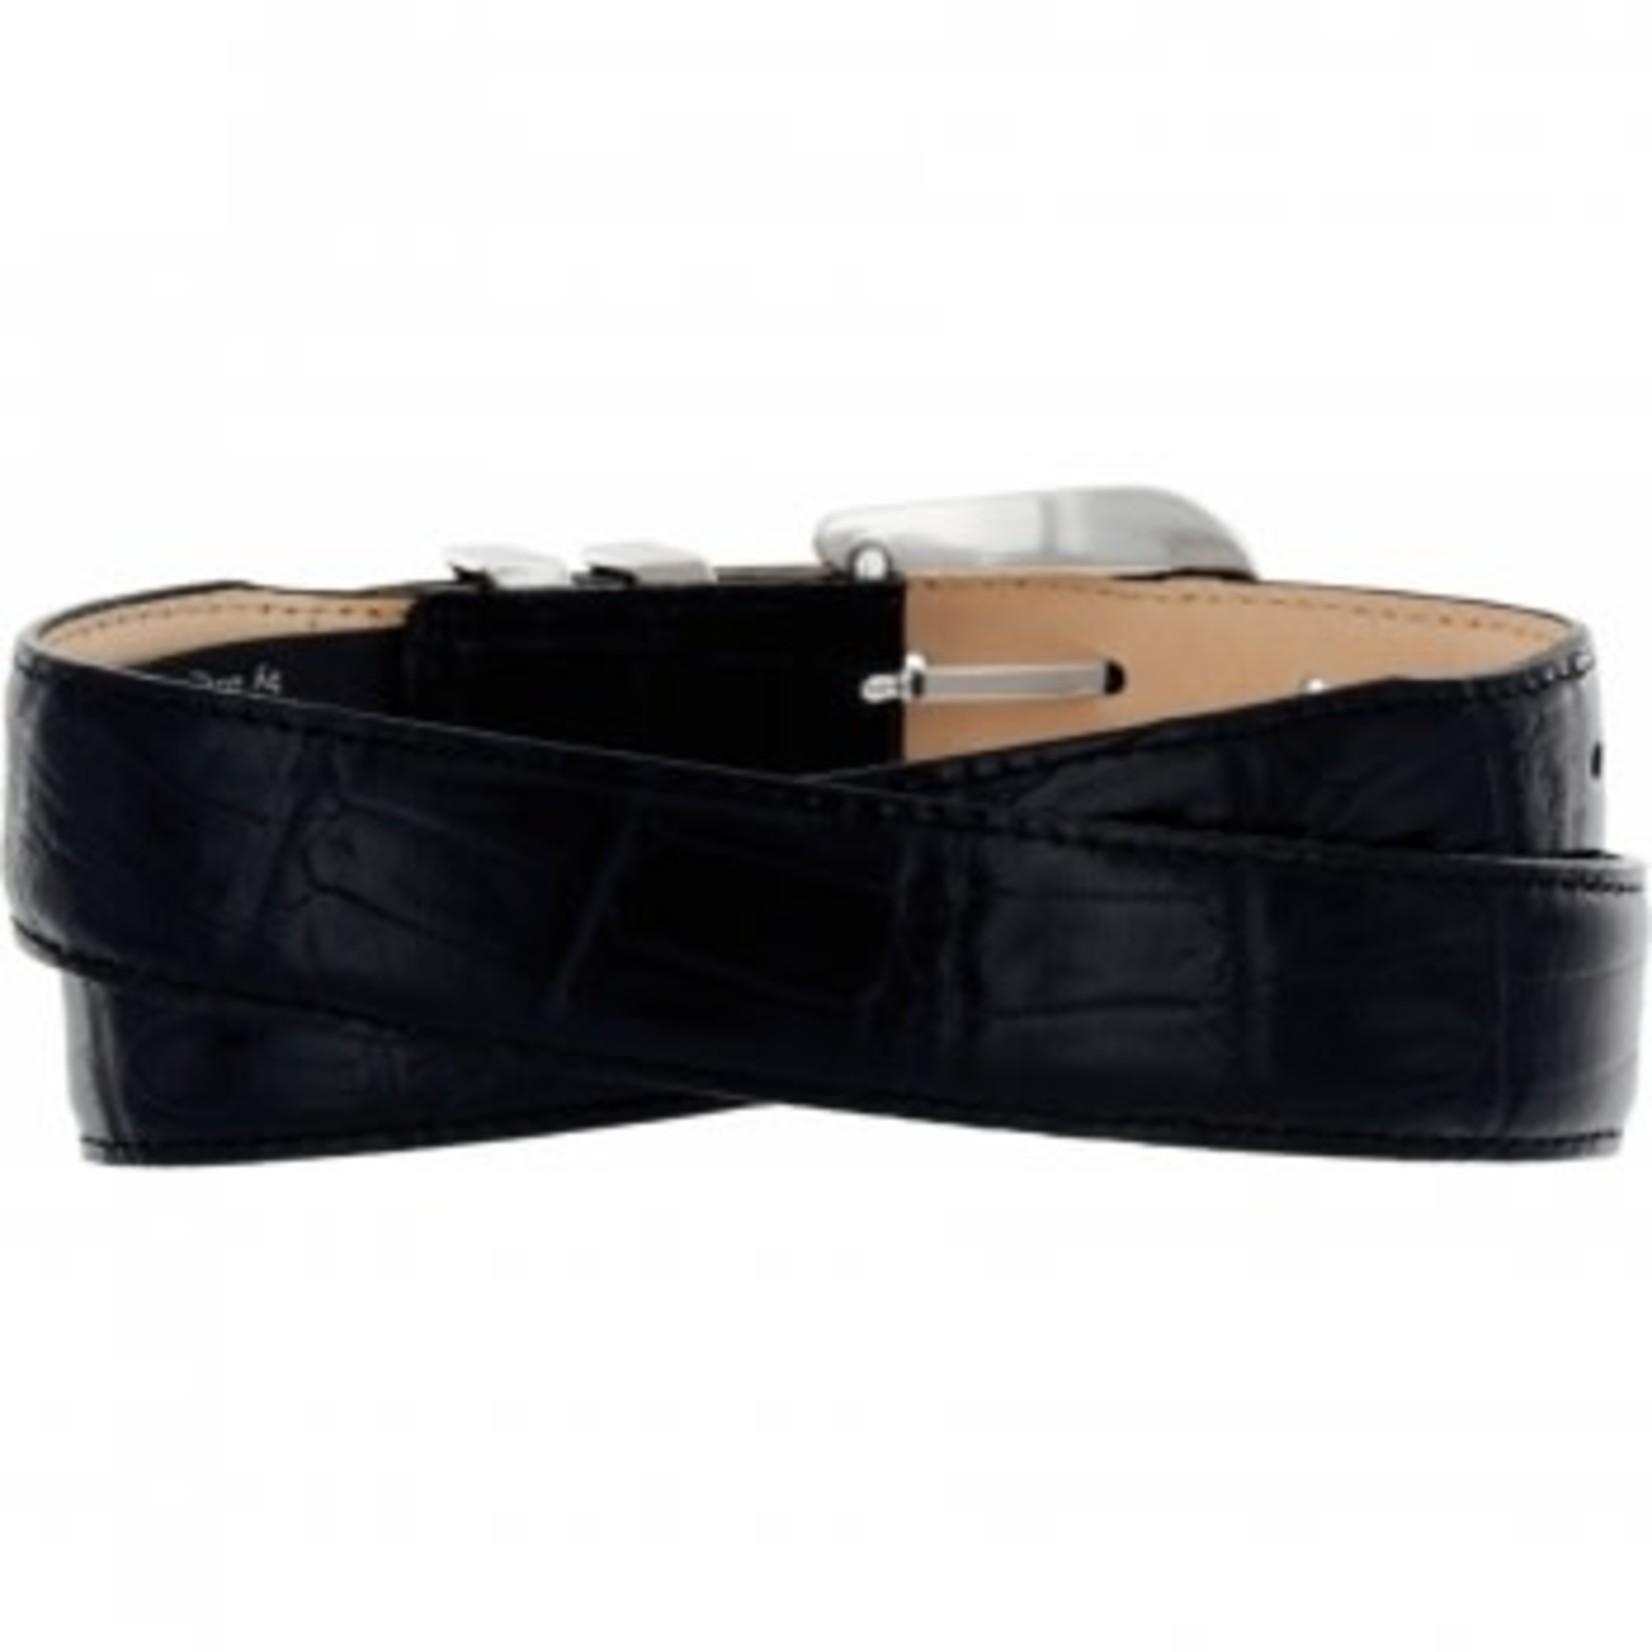 Brighton Catera Taper Crocodile Belt in Black Size 36